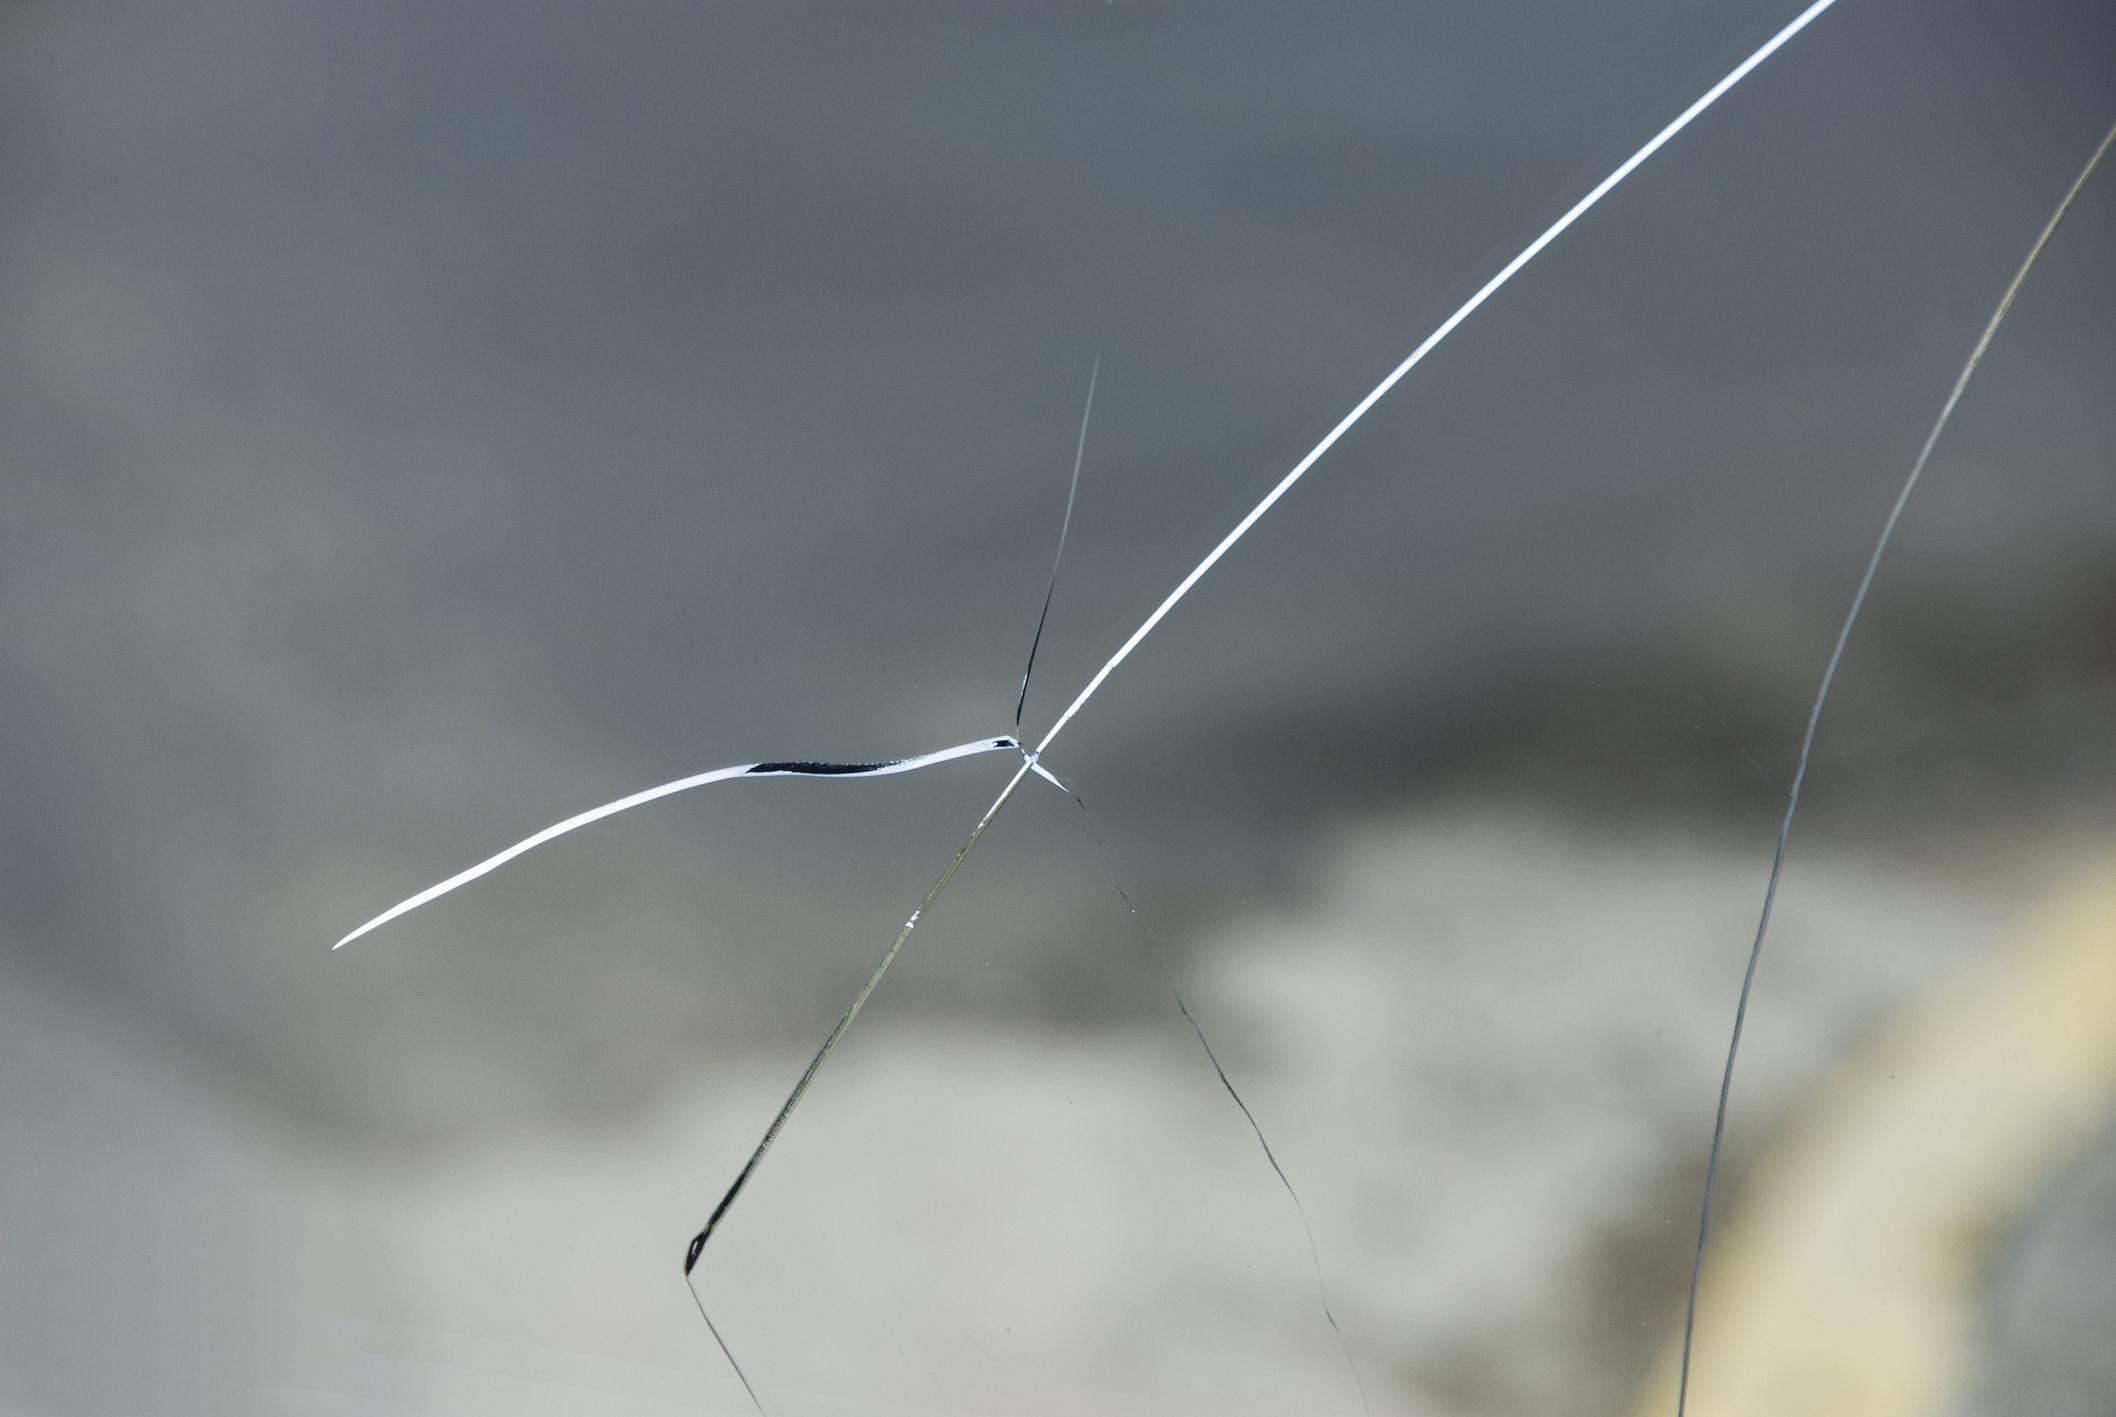 Large windshield cracks